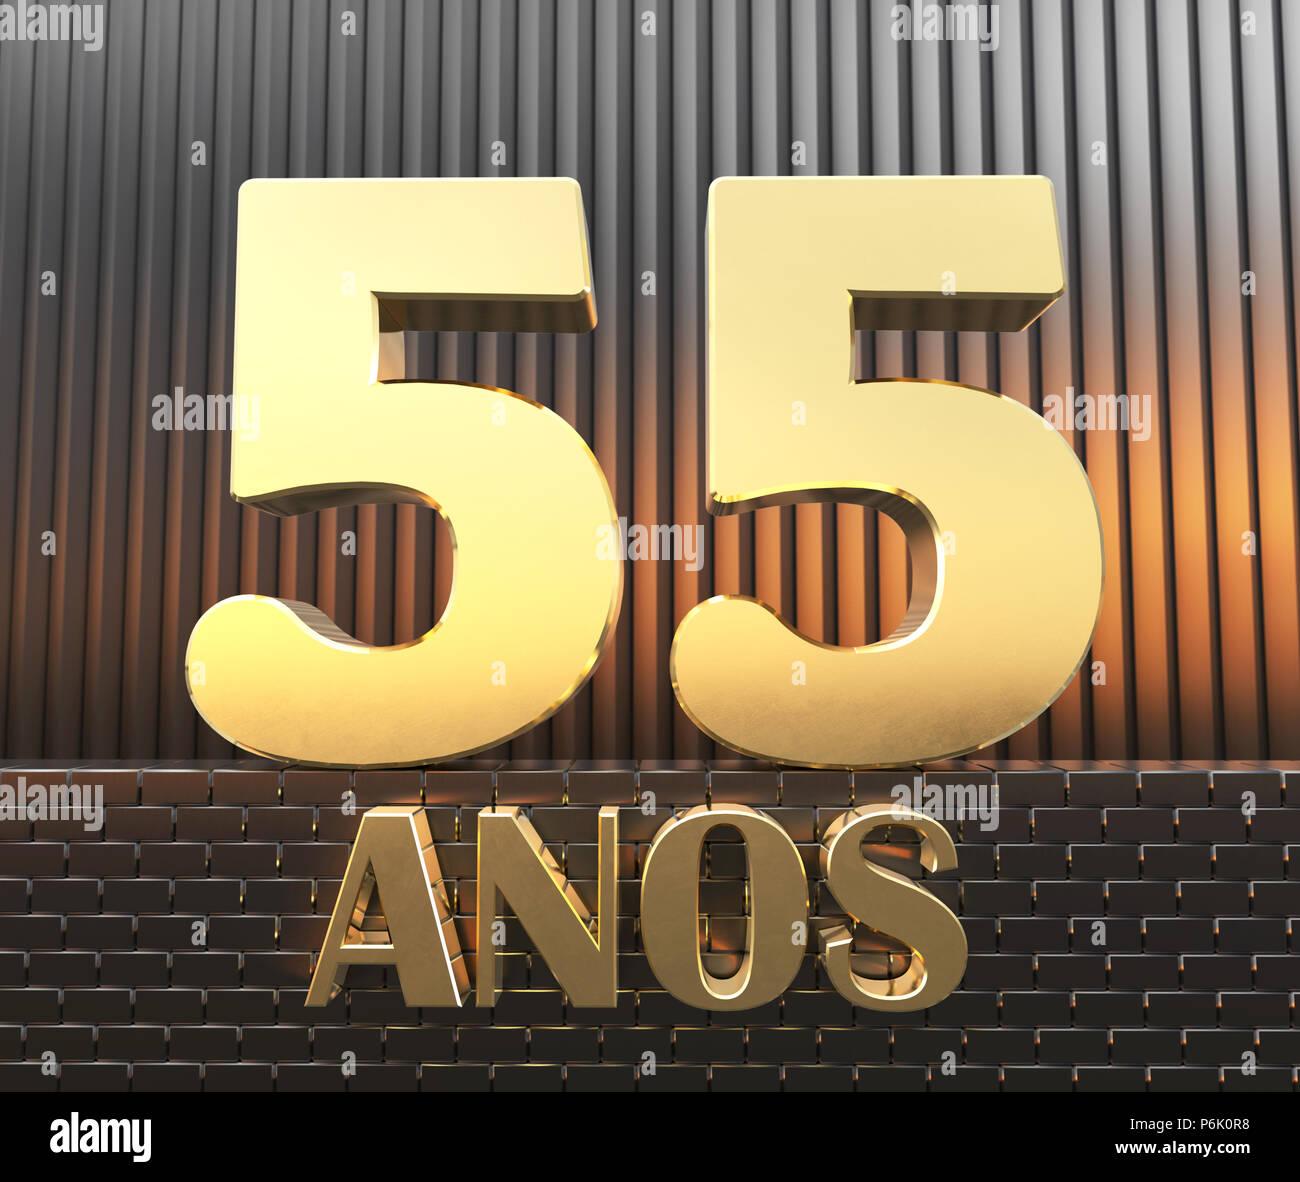 76fabcb1d72a4 Golden numero cinquanta cinque (numero 55) e la parola